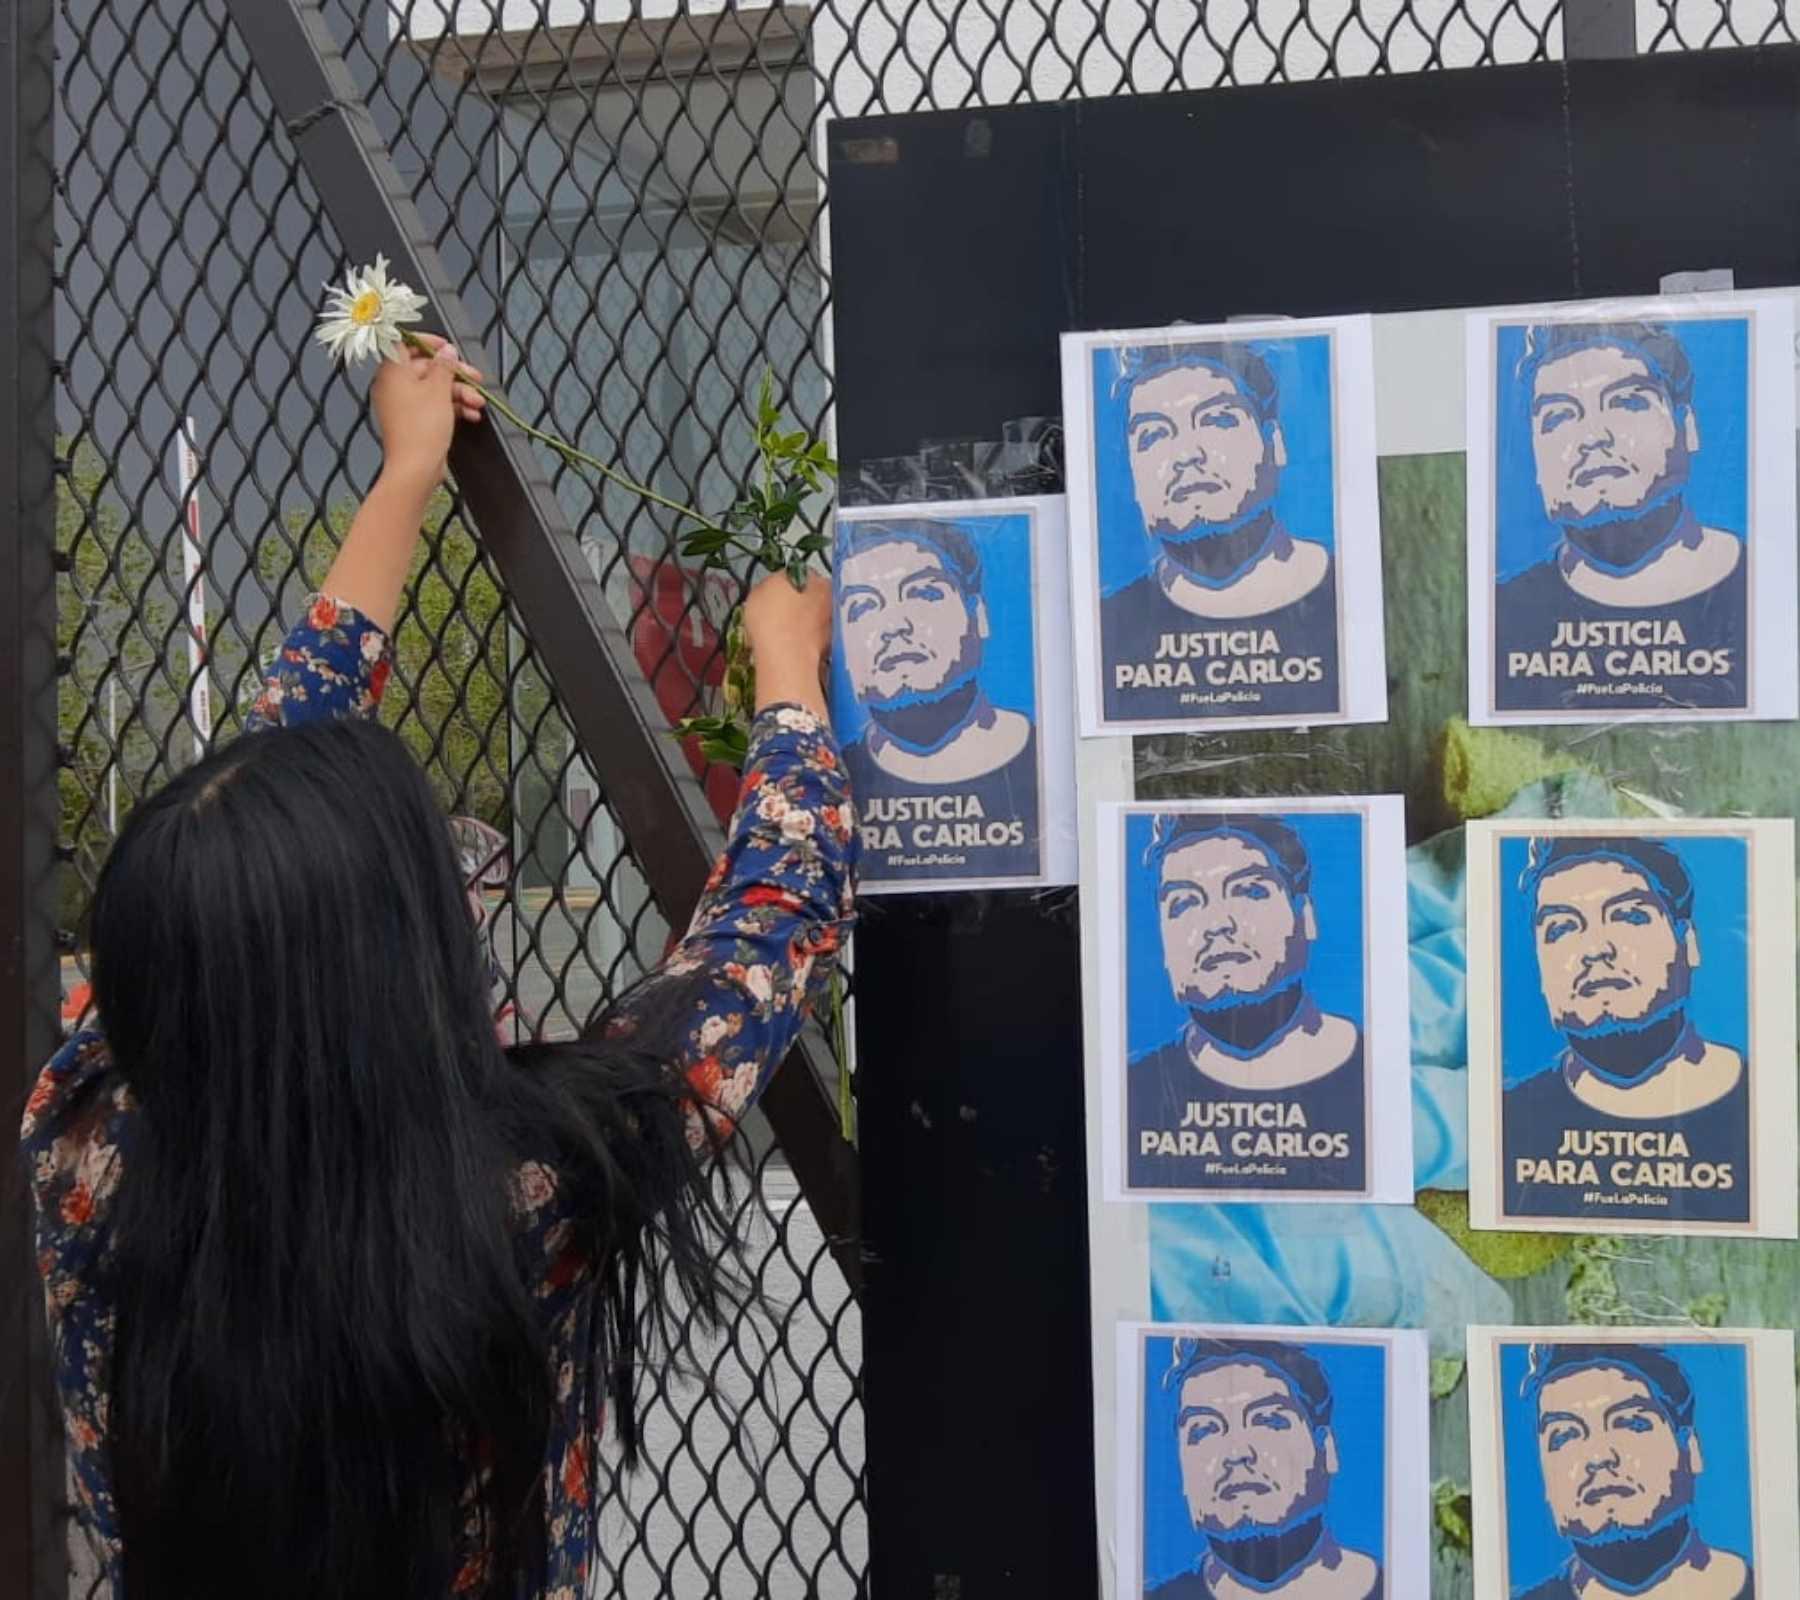 Ex compañeros y familiares de Carlos Portillo, muerto a manos de la policía municipal de Xoxtla, han realizado varias protestas para exigir que se esclarezca el caso. Fotografía: Jaime Carrera